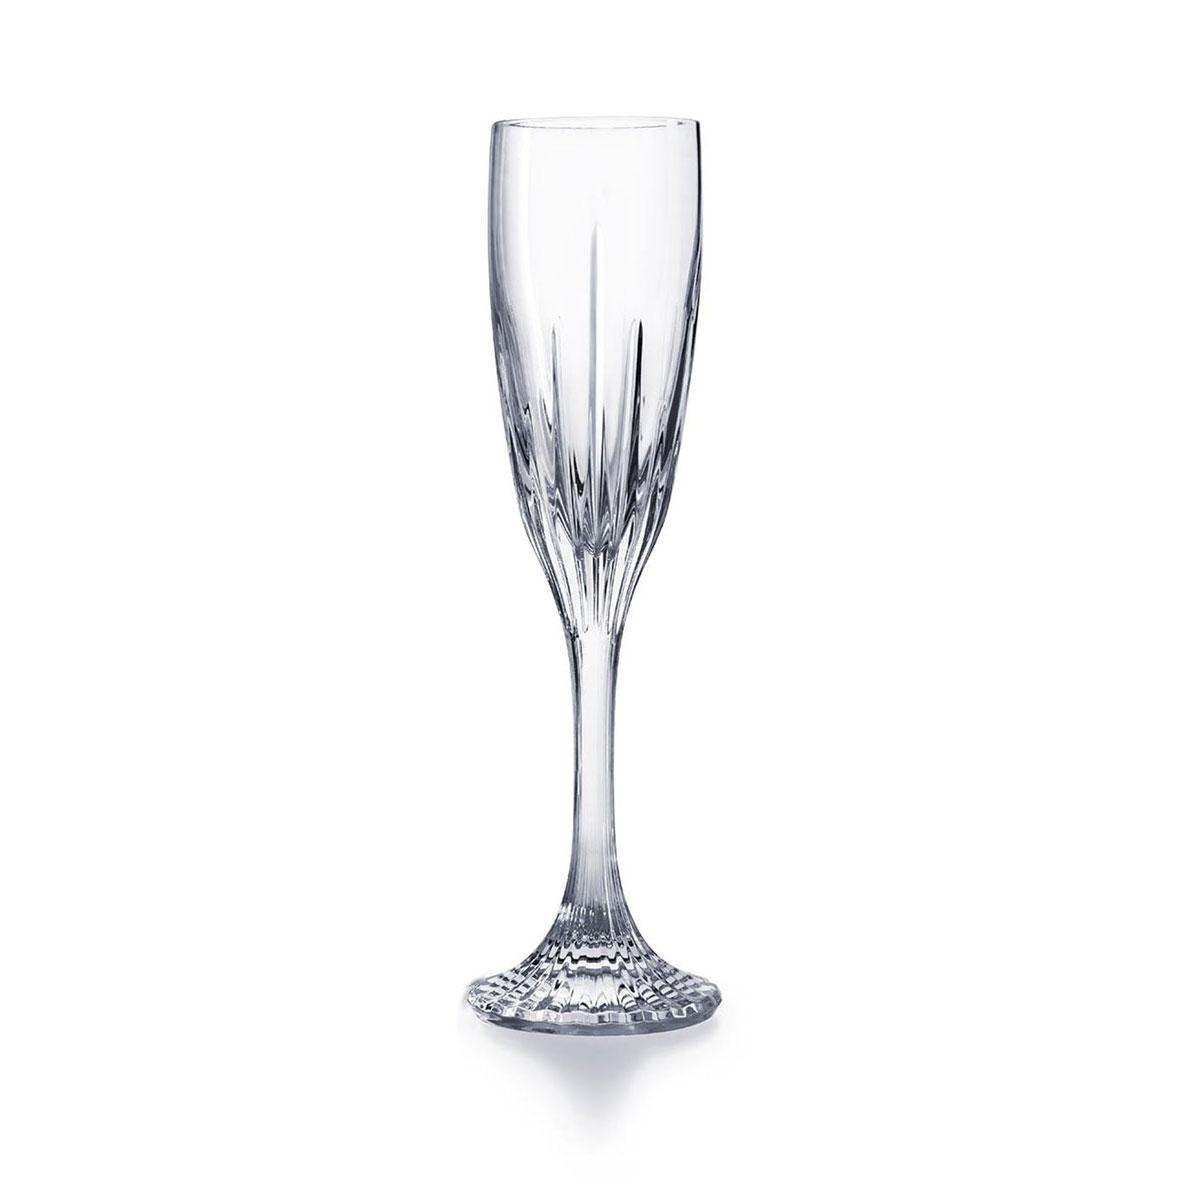 Baccarat Crystal Jupiter Champagne Flute, Single